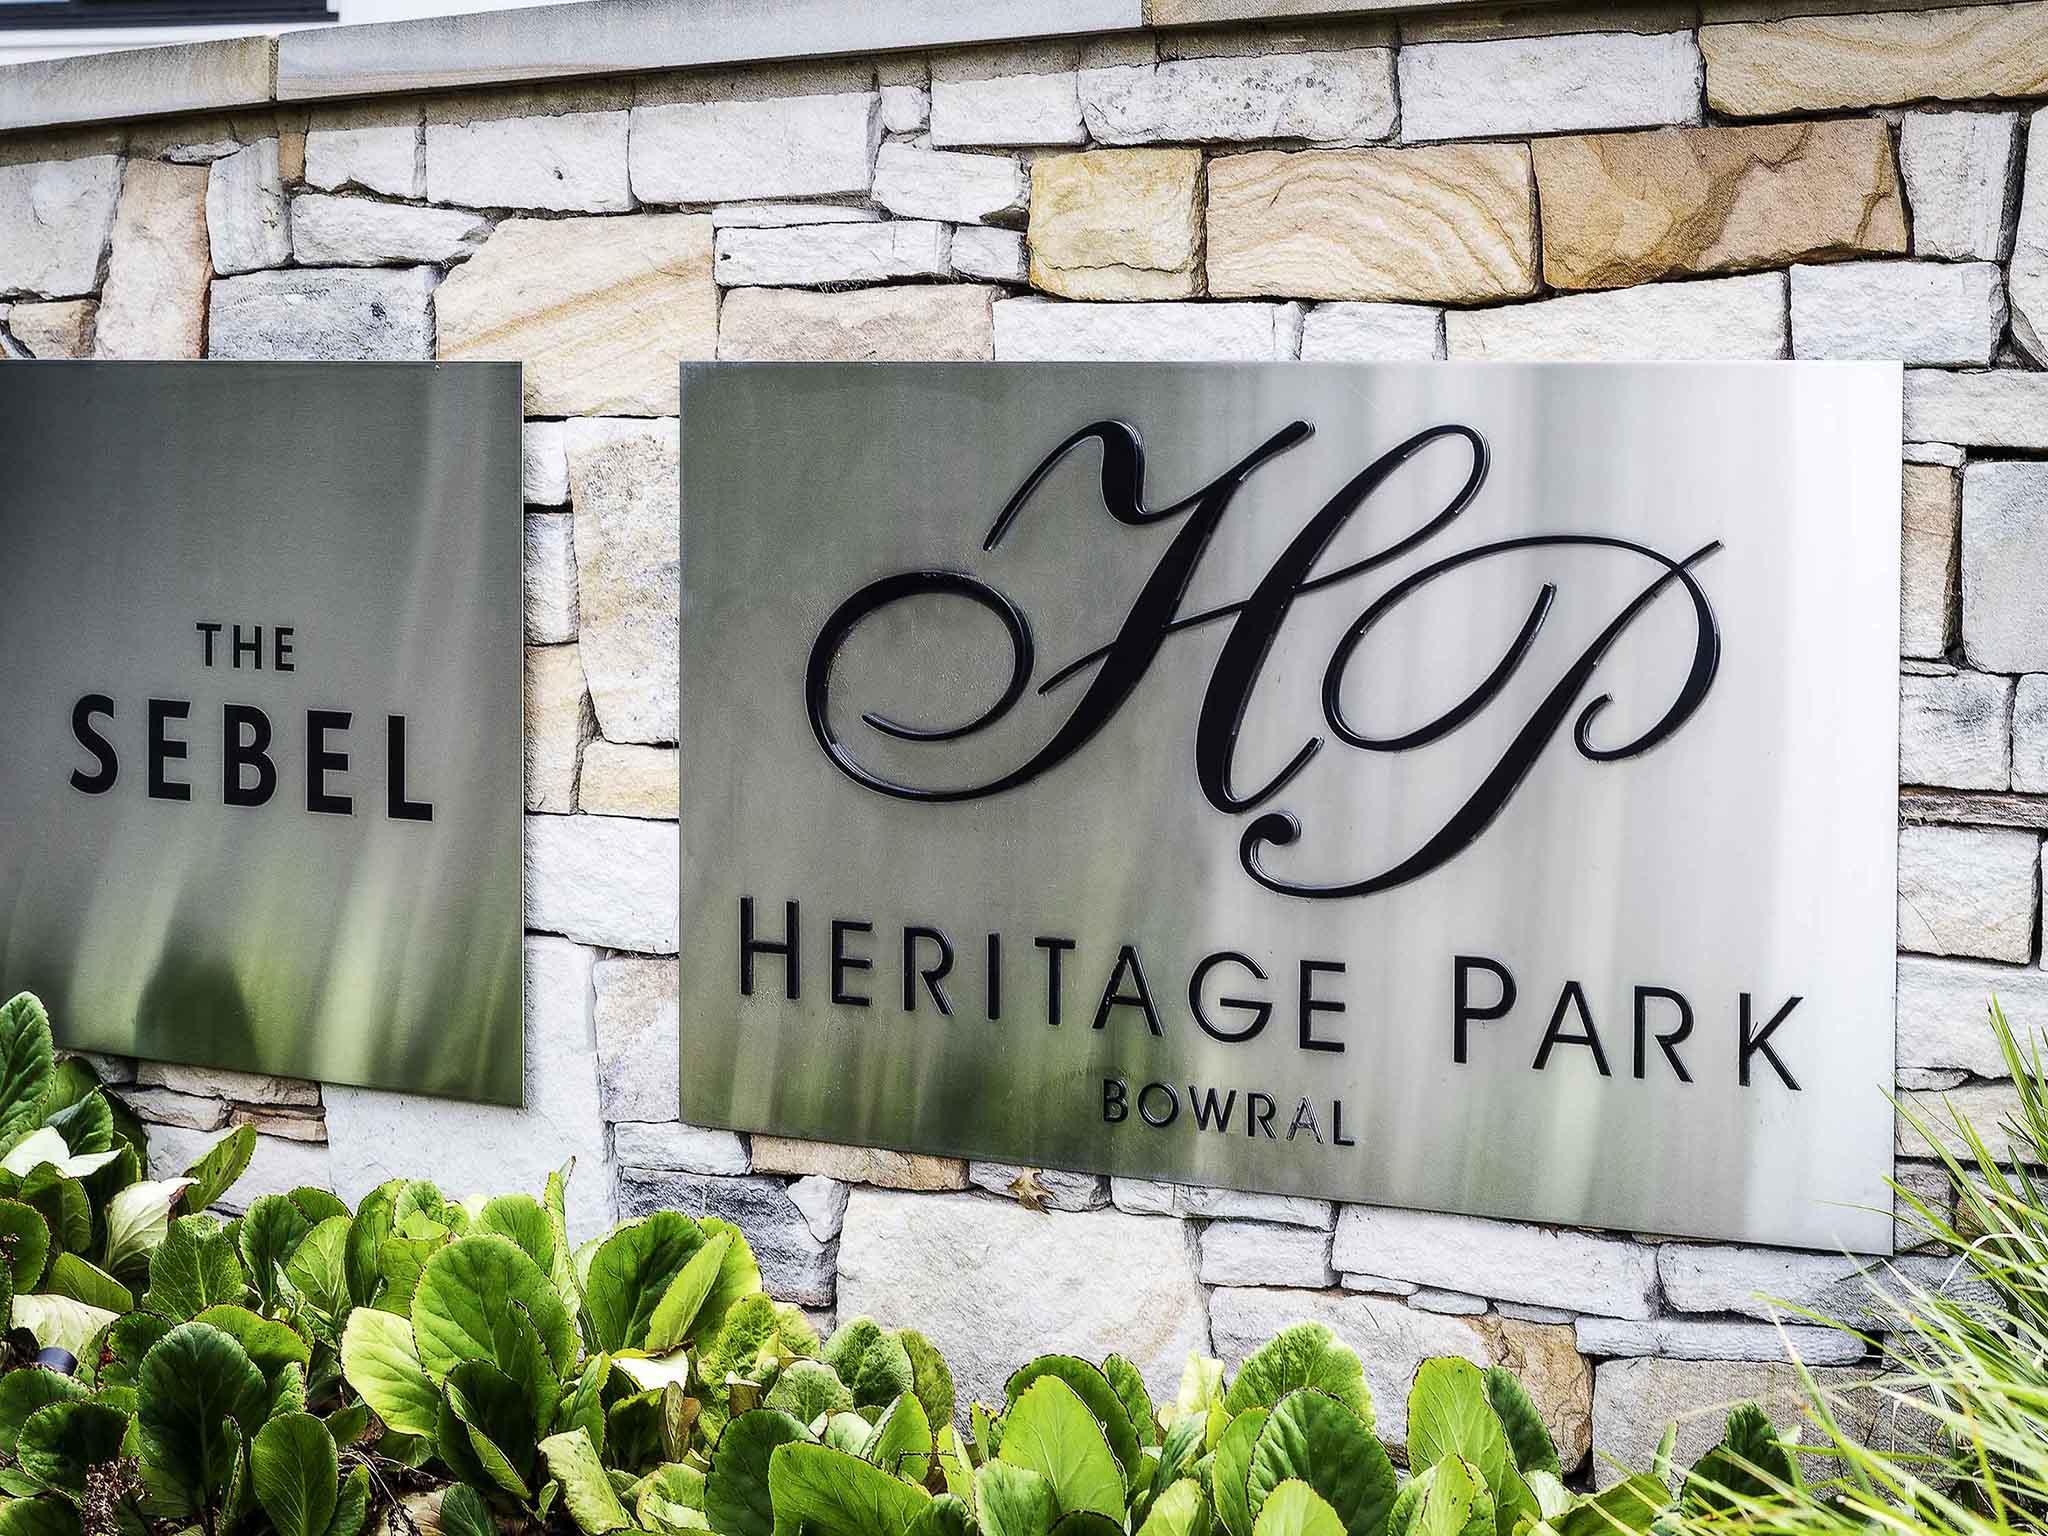 فندق - The Sebel Bowral Heritage Park